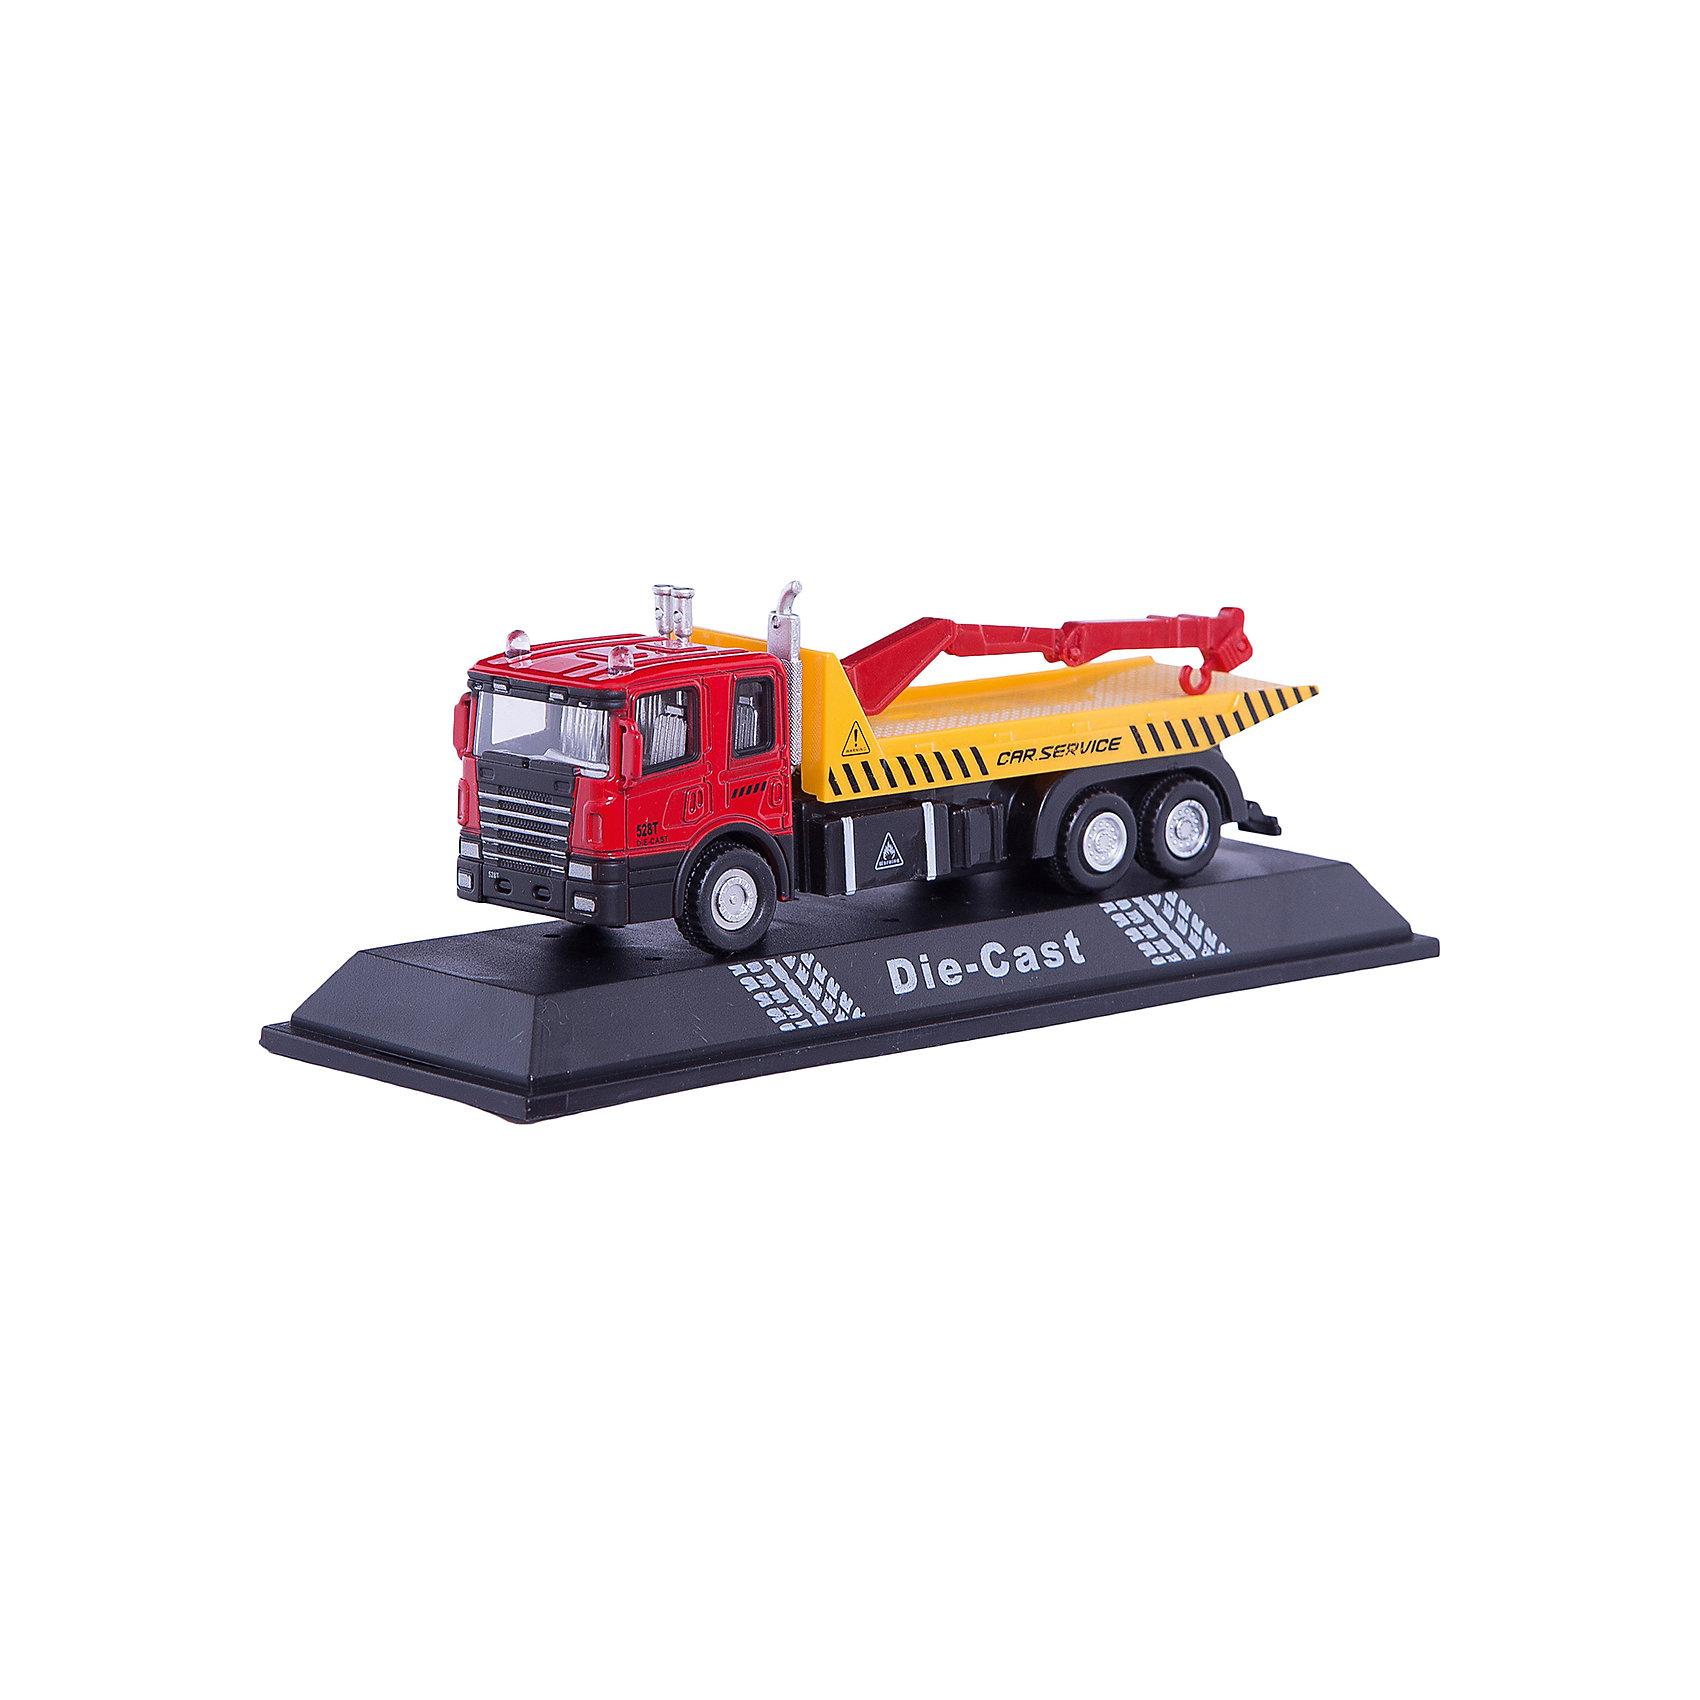 Машинка Flatbed Crane Truck с манипулятором 1:48, AutotimeМашинки<br>Характеристики товара:<br><br>• цвет: желтый<br>• возраст: от 3 лет<br>• материал: металл, пластик<br>• масштаб: 1:48<br>• колеса вращаются<br>• размер упаковки: 16х6х7 см<br>• вес с упаковкой: 100 г<br>• страна бренда: Россия, Китай<br>• страна изготовитель: Китай<br><br>Эта коллекционная модель машинки отличается высокой детализацией. Окна - прозрачные, поэтому через них можно увидеть салон.<br><br>Сделана машинка из прочного и безопасного материала. Модель с манипулятором.<br><br>Машинку «Flatbed Crane Truck» с манипулятором 1:48, Autotime (Автотайм) можно купить в нашем интернет-магазине.<br><br>Ширина мм: 165<br>Глубина мм: 57<br>Высота мм: 75<br>Вес г: 13<br>Возраст от месяцев: 36<br>Возраст до месяцев: 2147483647<br>Пол: Мужской<br>Возраст: Детский<br>SKU: 5584048